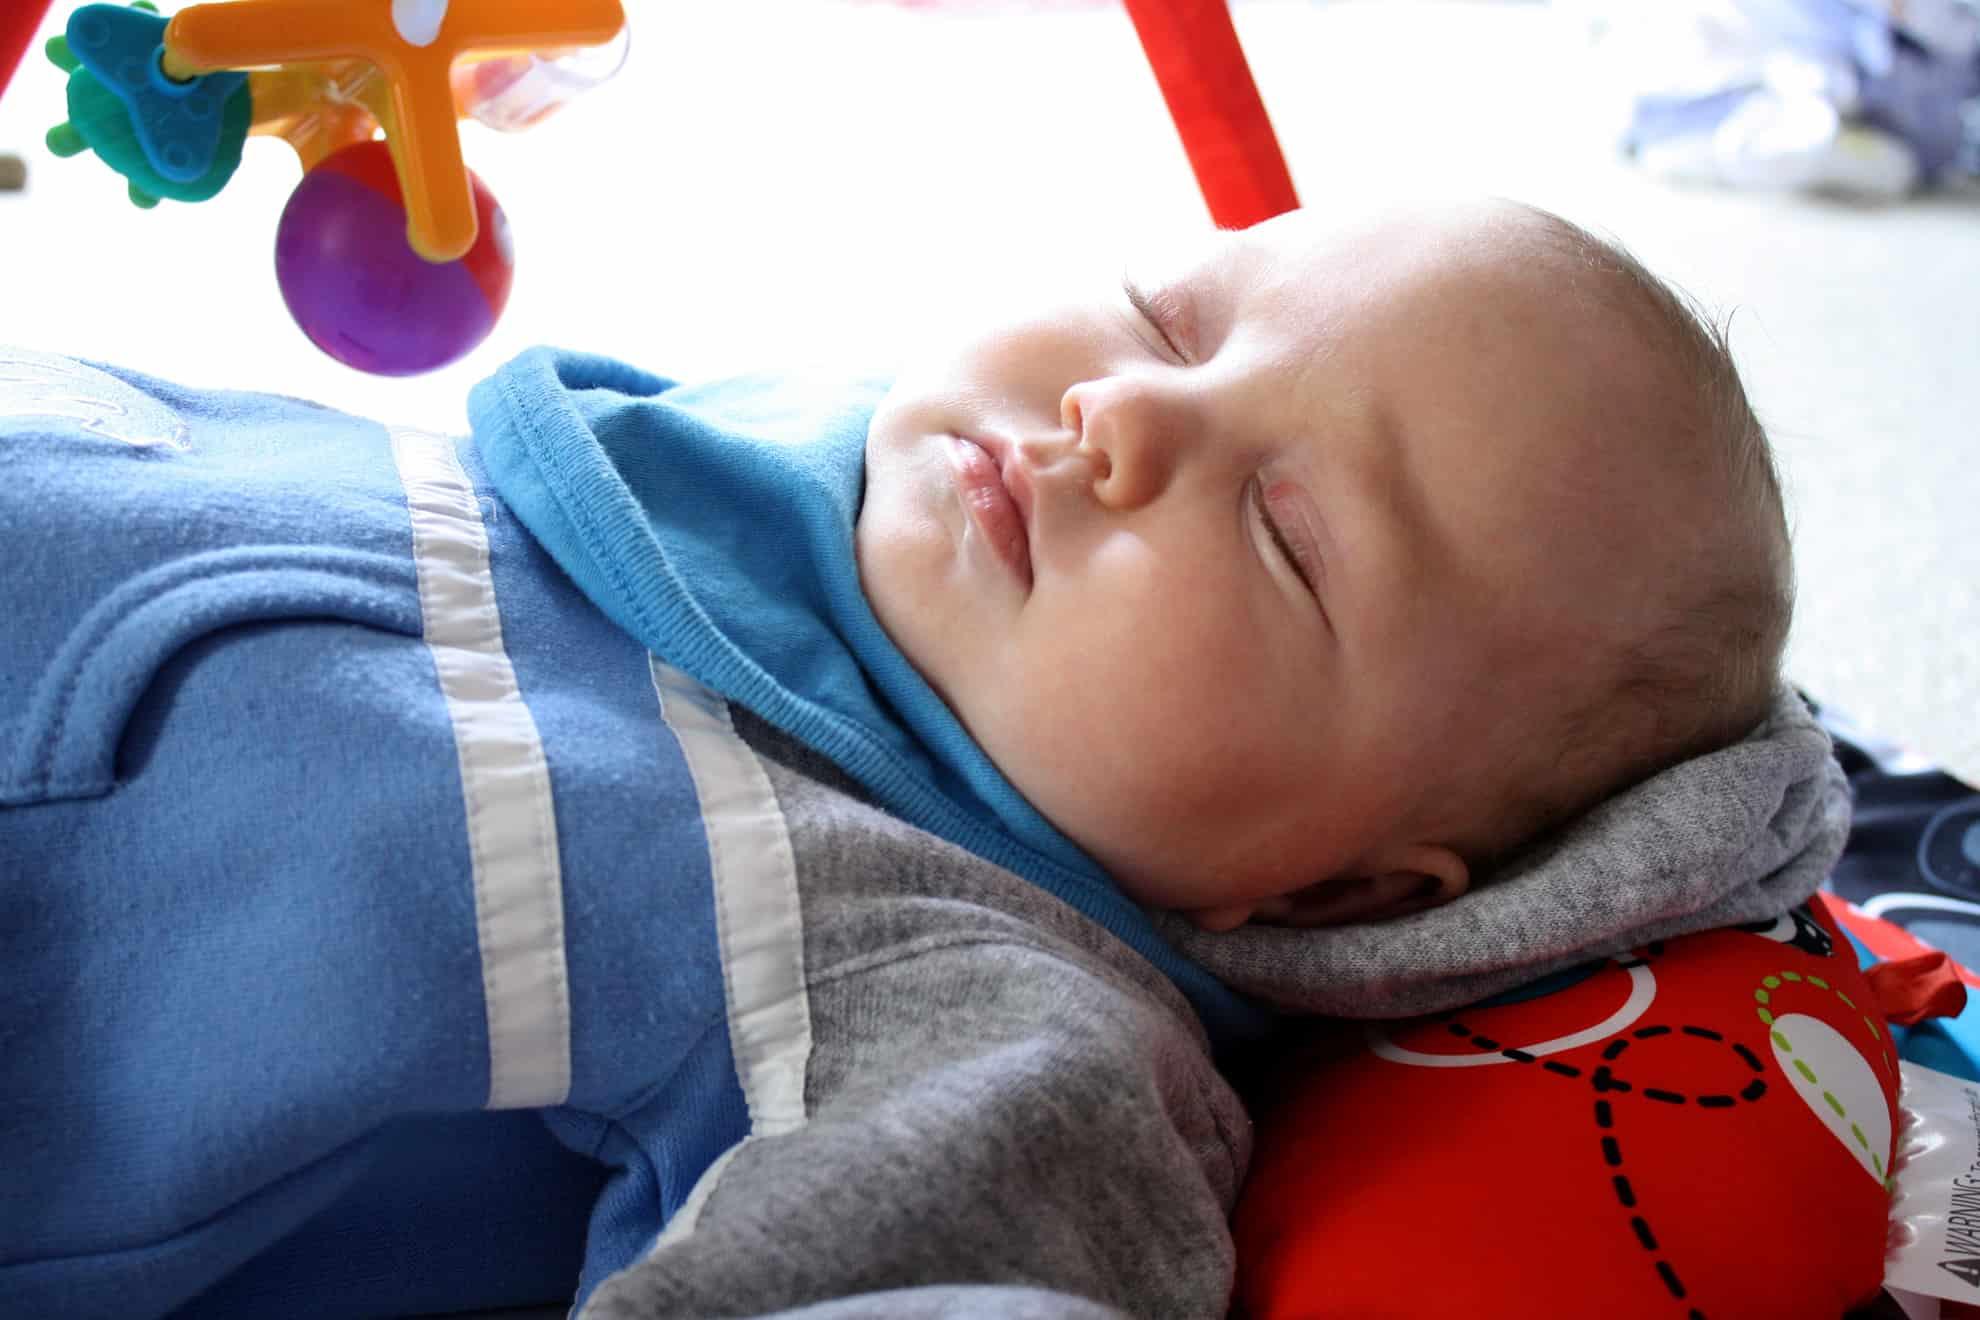 Cu nto duerme un beb curiosoando - Cuanto come un bebe de 1 mes ...